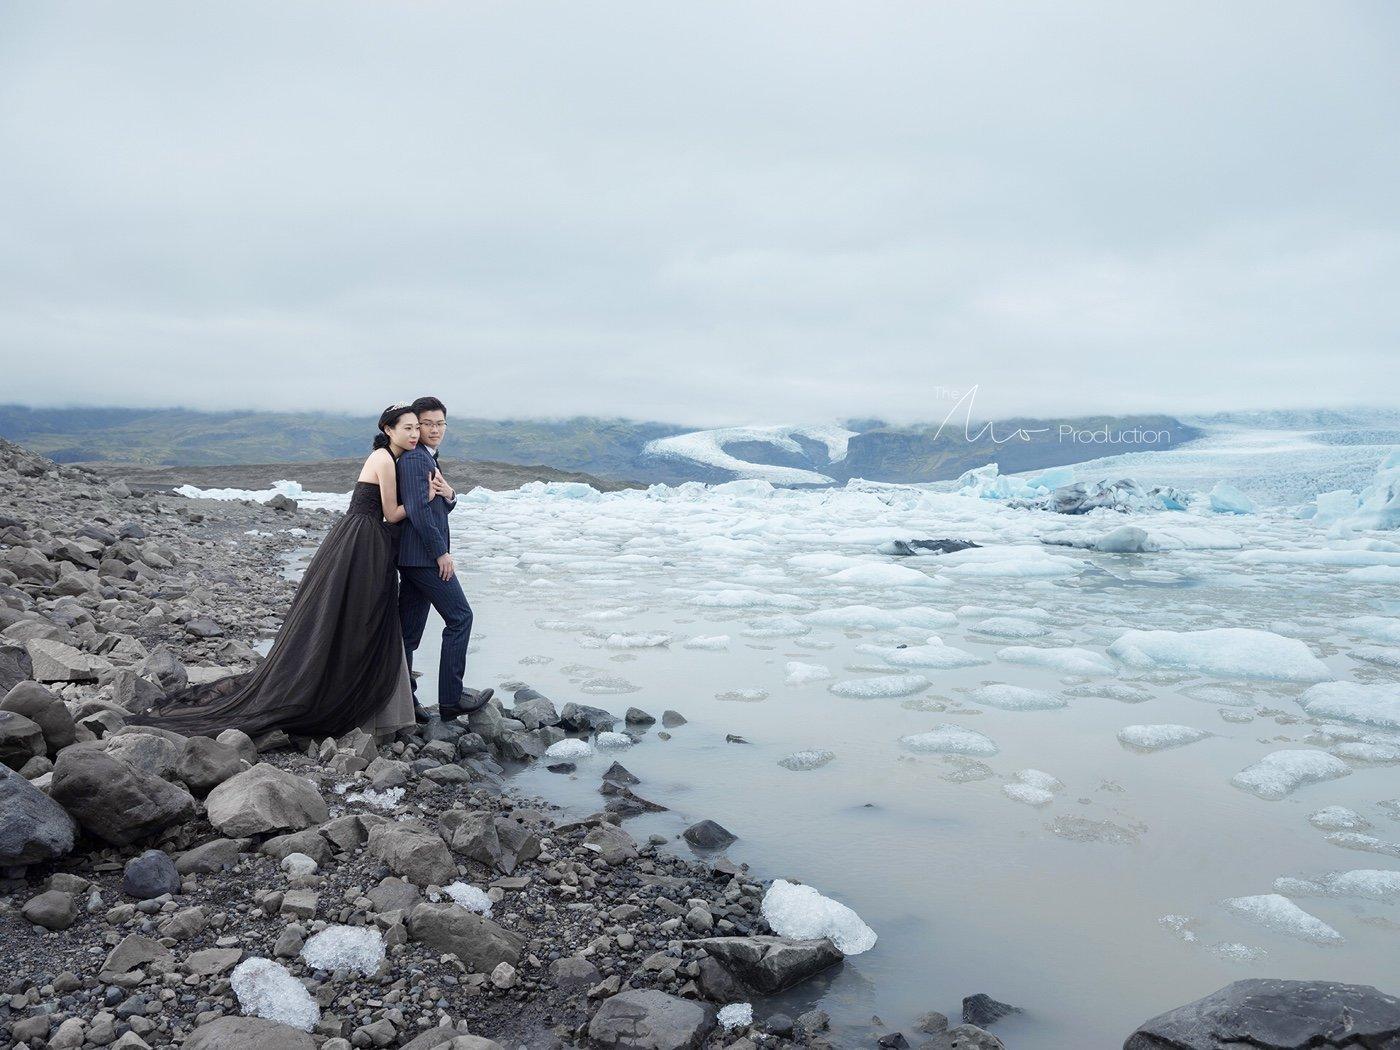 MoFoTo 冰岛婚纱旅拍29